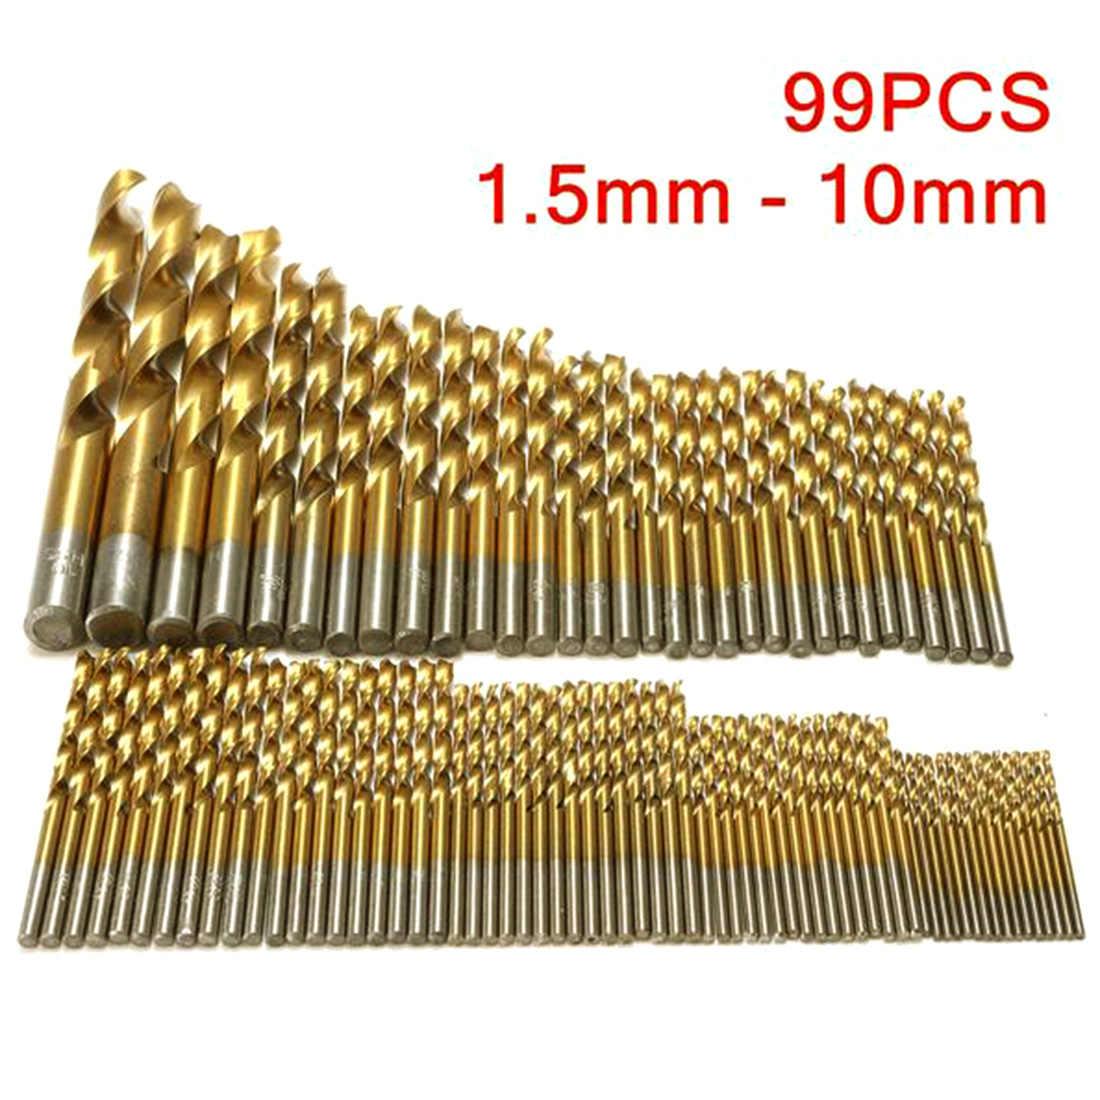 99 Pcs Mata Bor Set 1.5-10 Mm Titanium Dilapisi HSS Mata Bor untuk Kayu Logam Bekerja 30dB untuk Latihan Logam